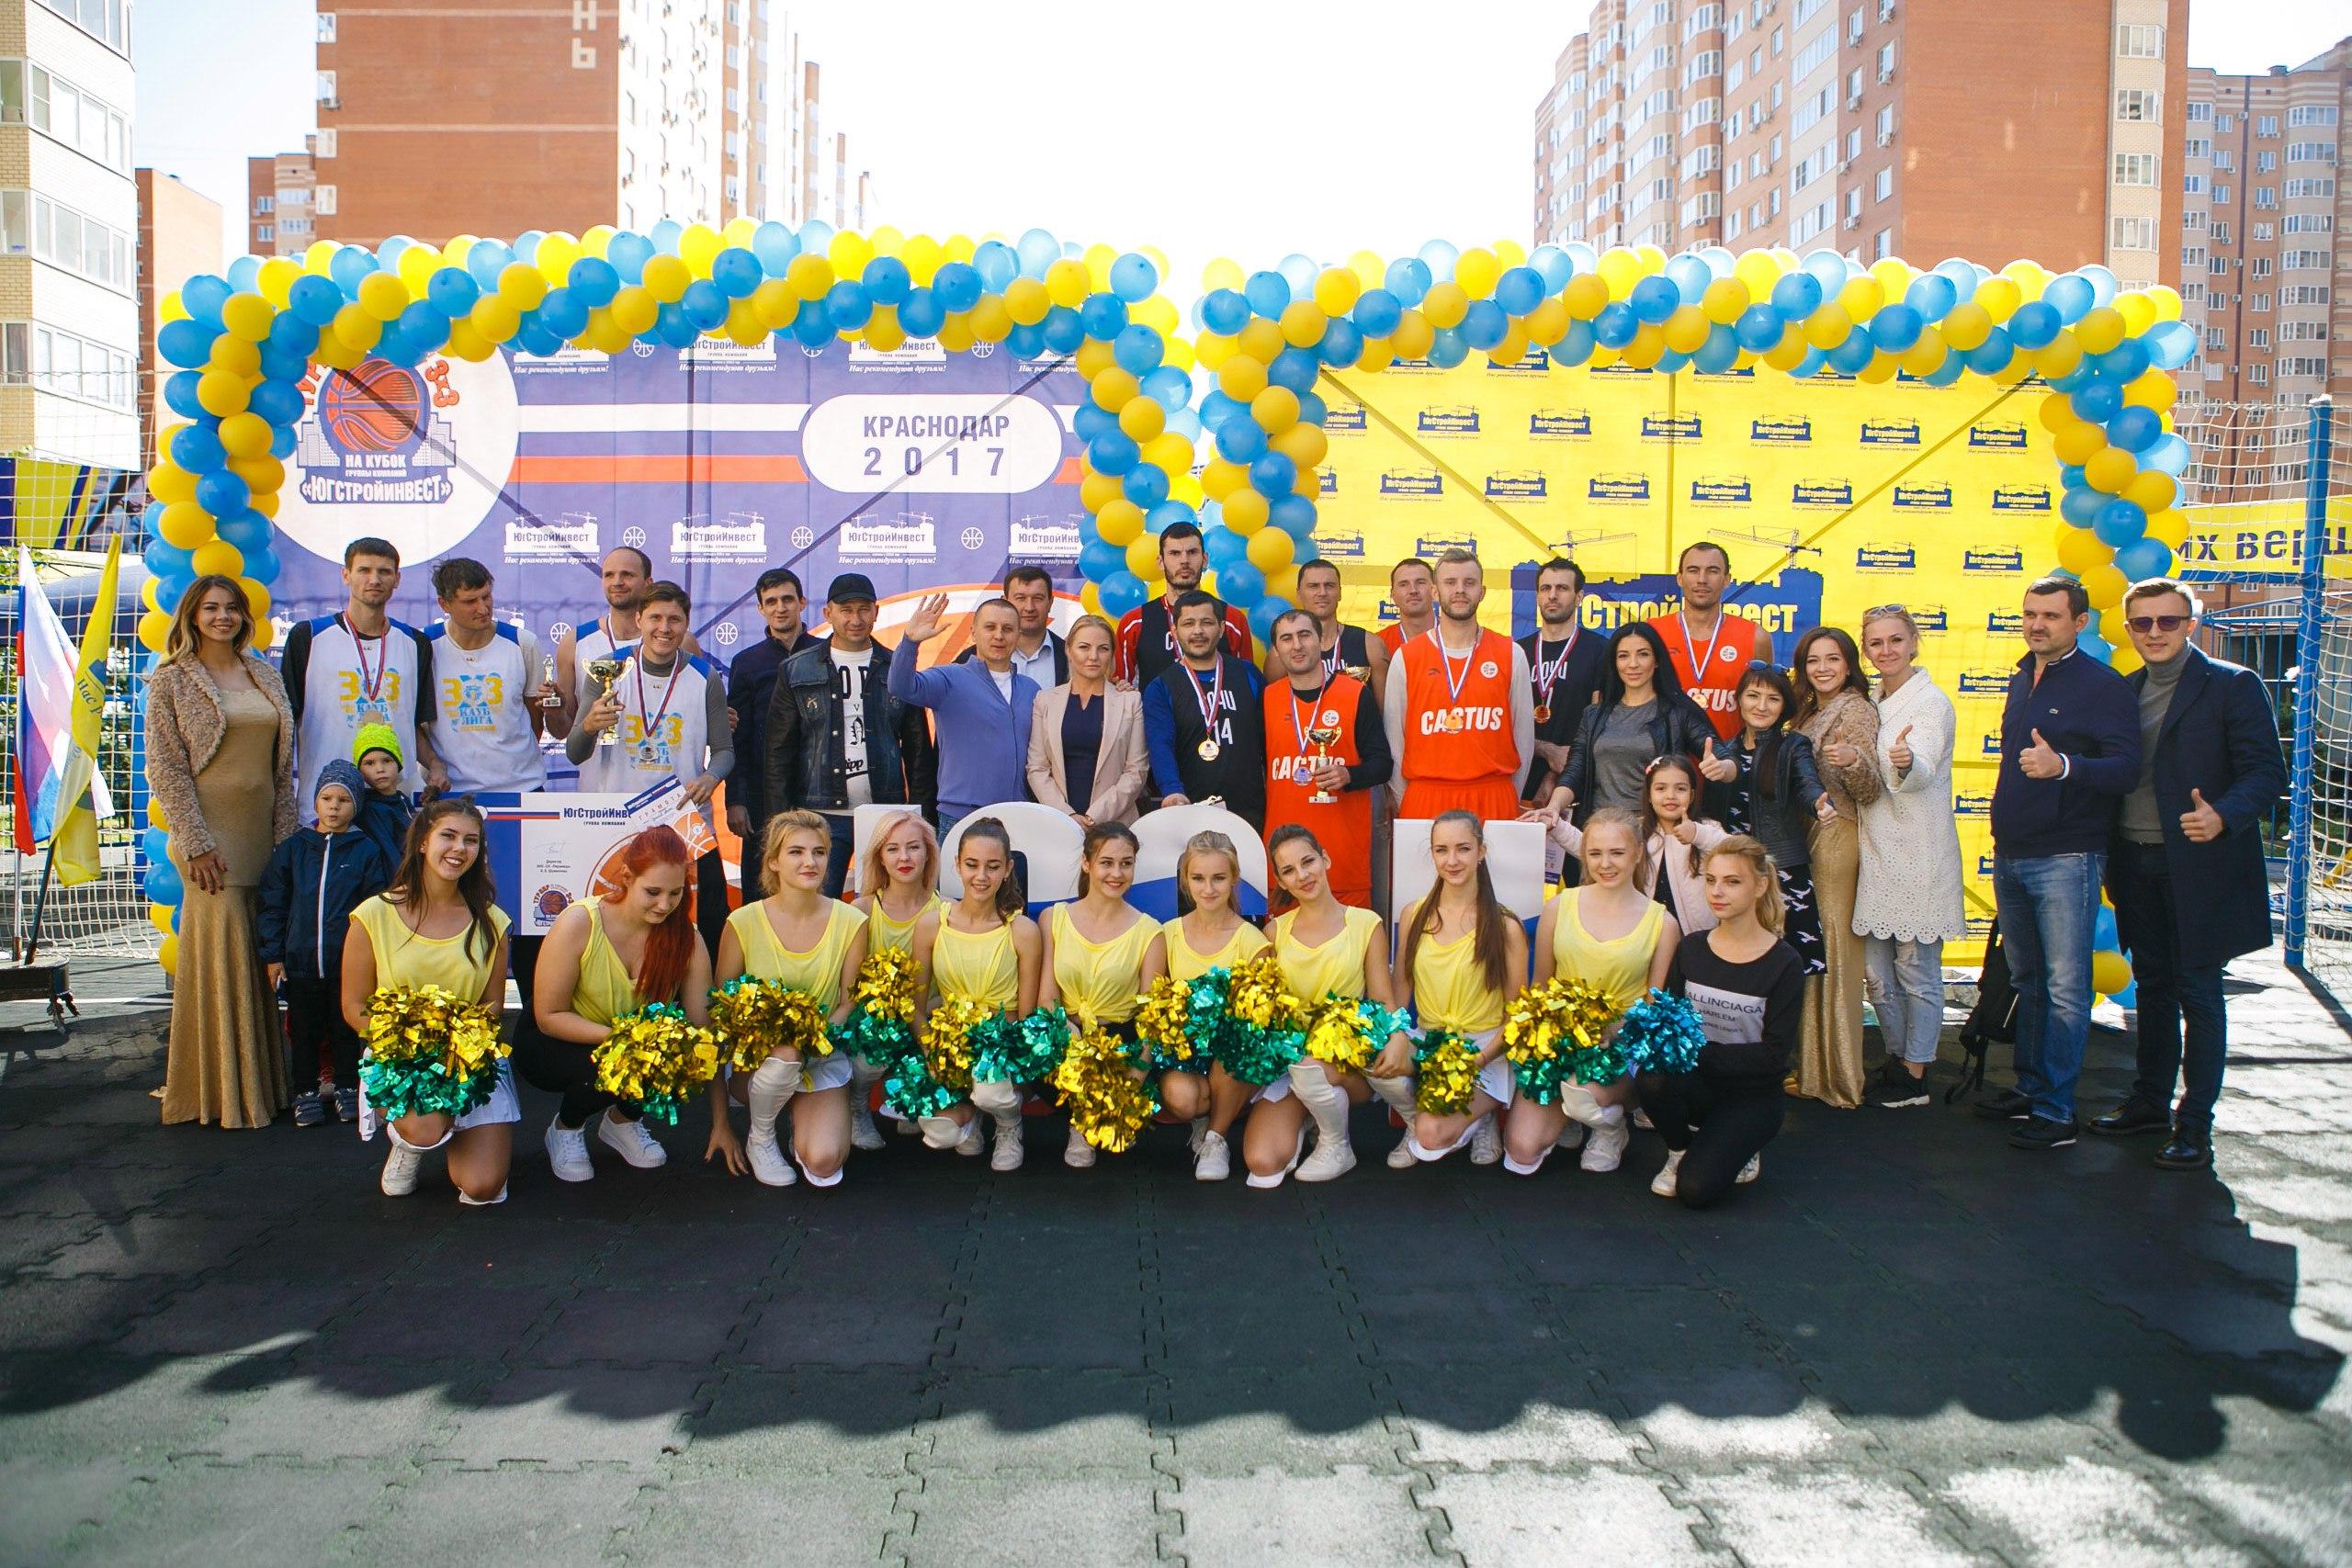 Стритбол ЮгСтройИнвест Краснодар